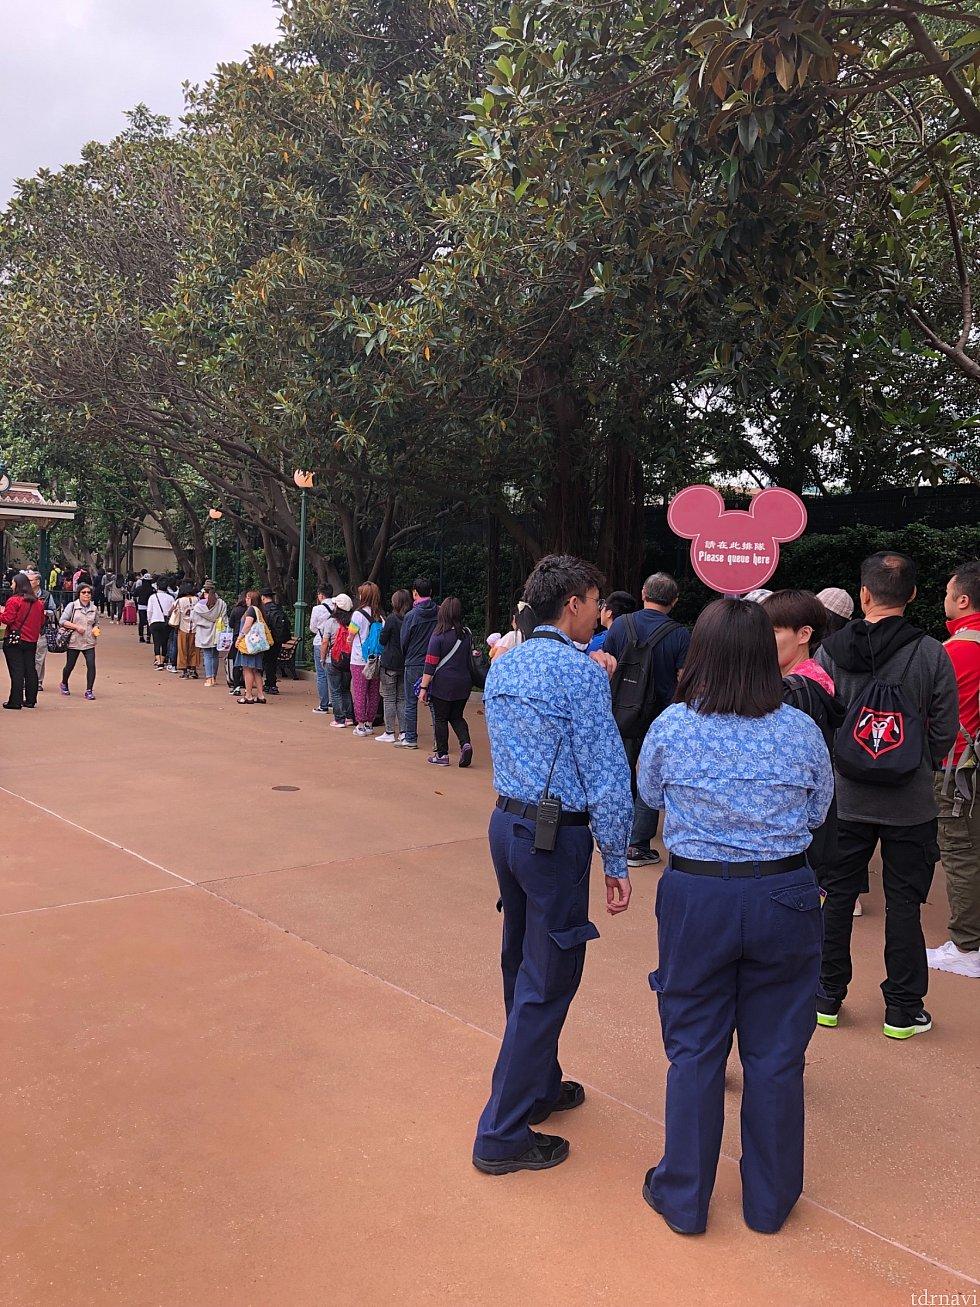 朝の入園ゲートの様子。向かって右端がピントレイベントの限定品を買う人の列になっていました。